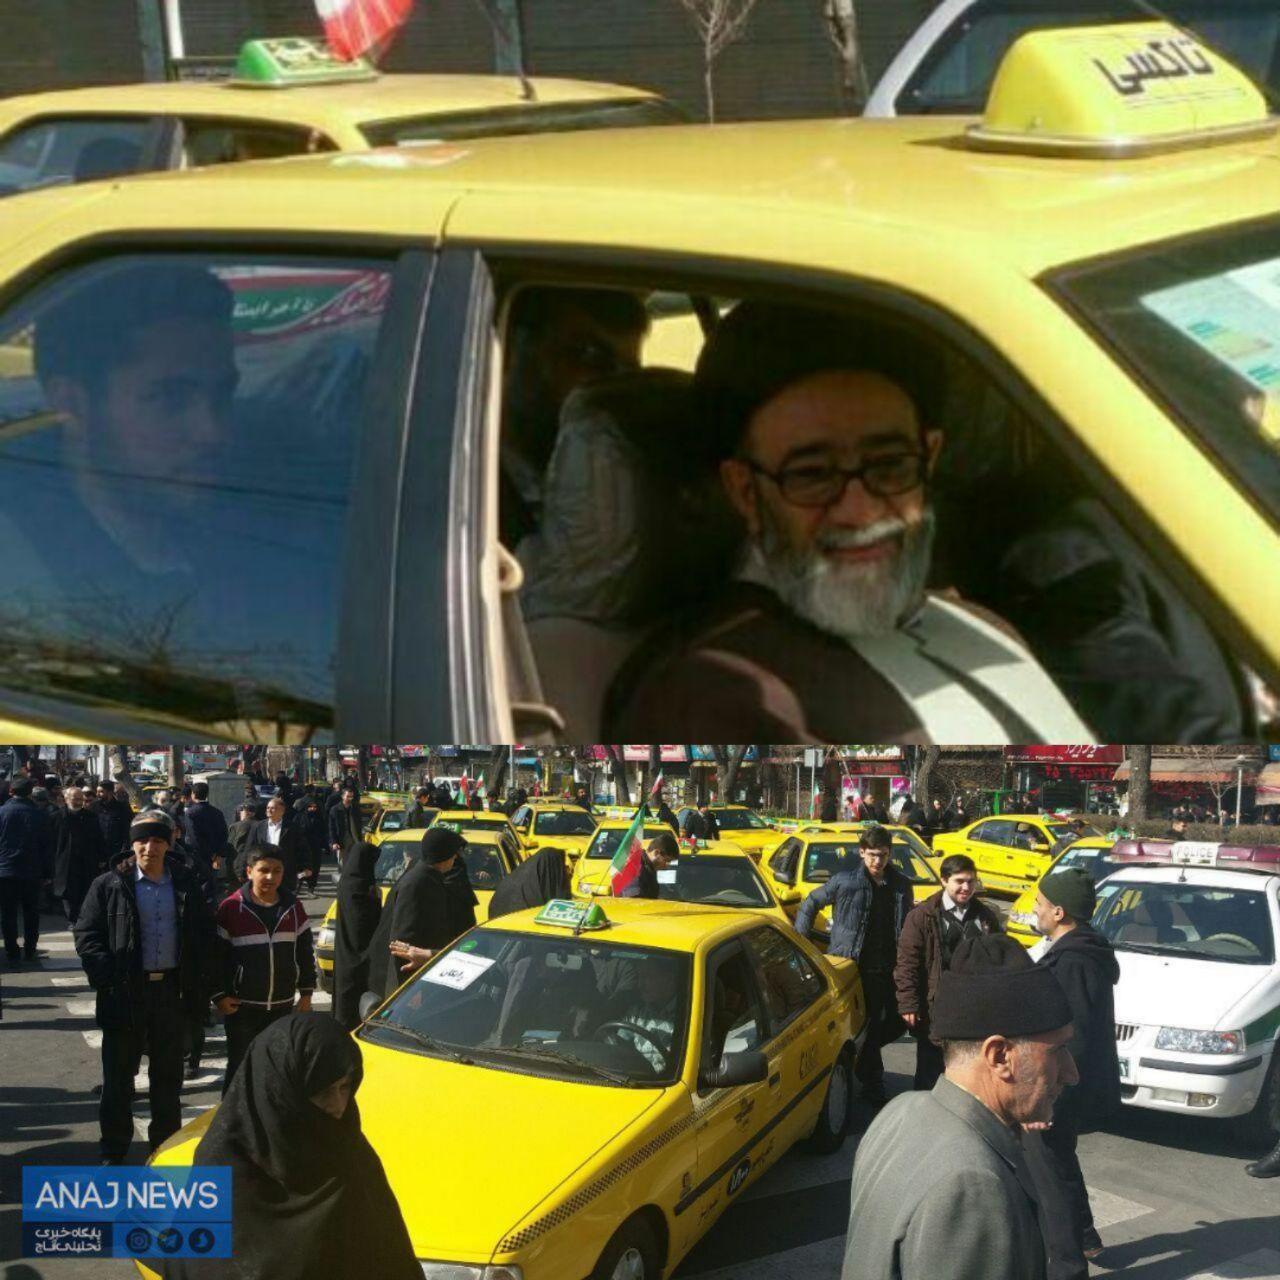 امام جمعه تبریز با تاکسی بی سیم به منزل رفت +عکس